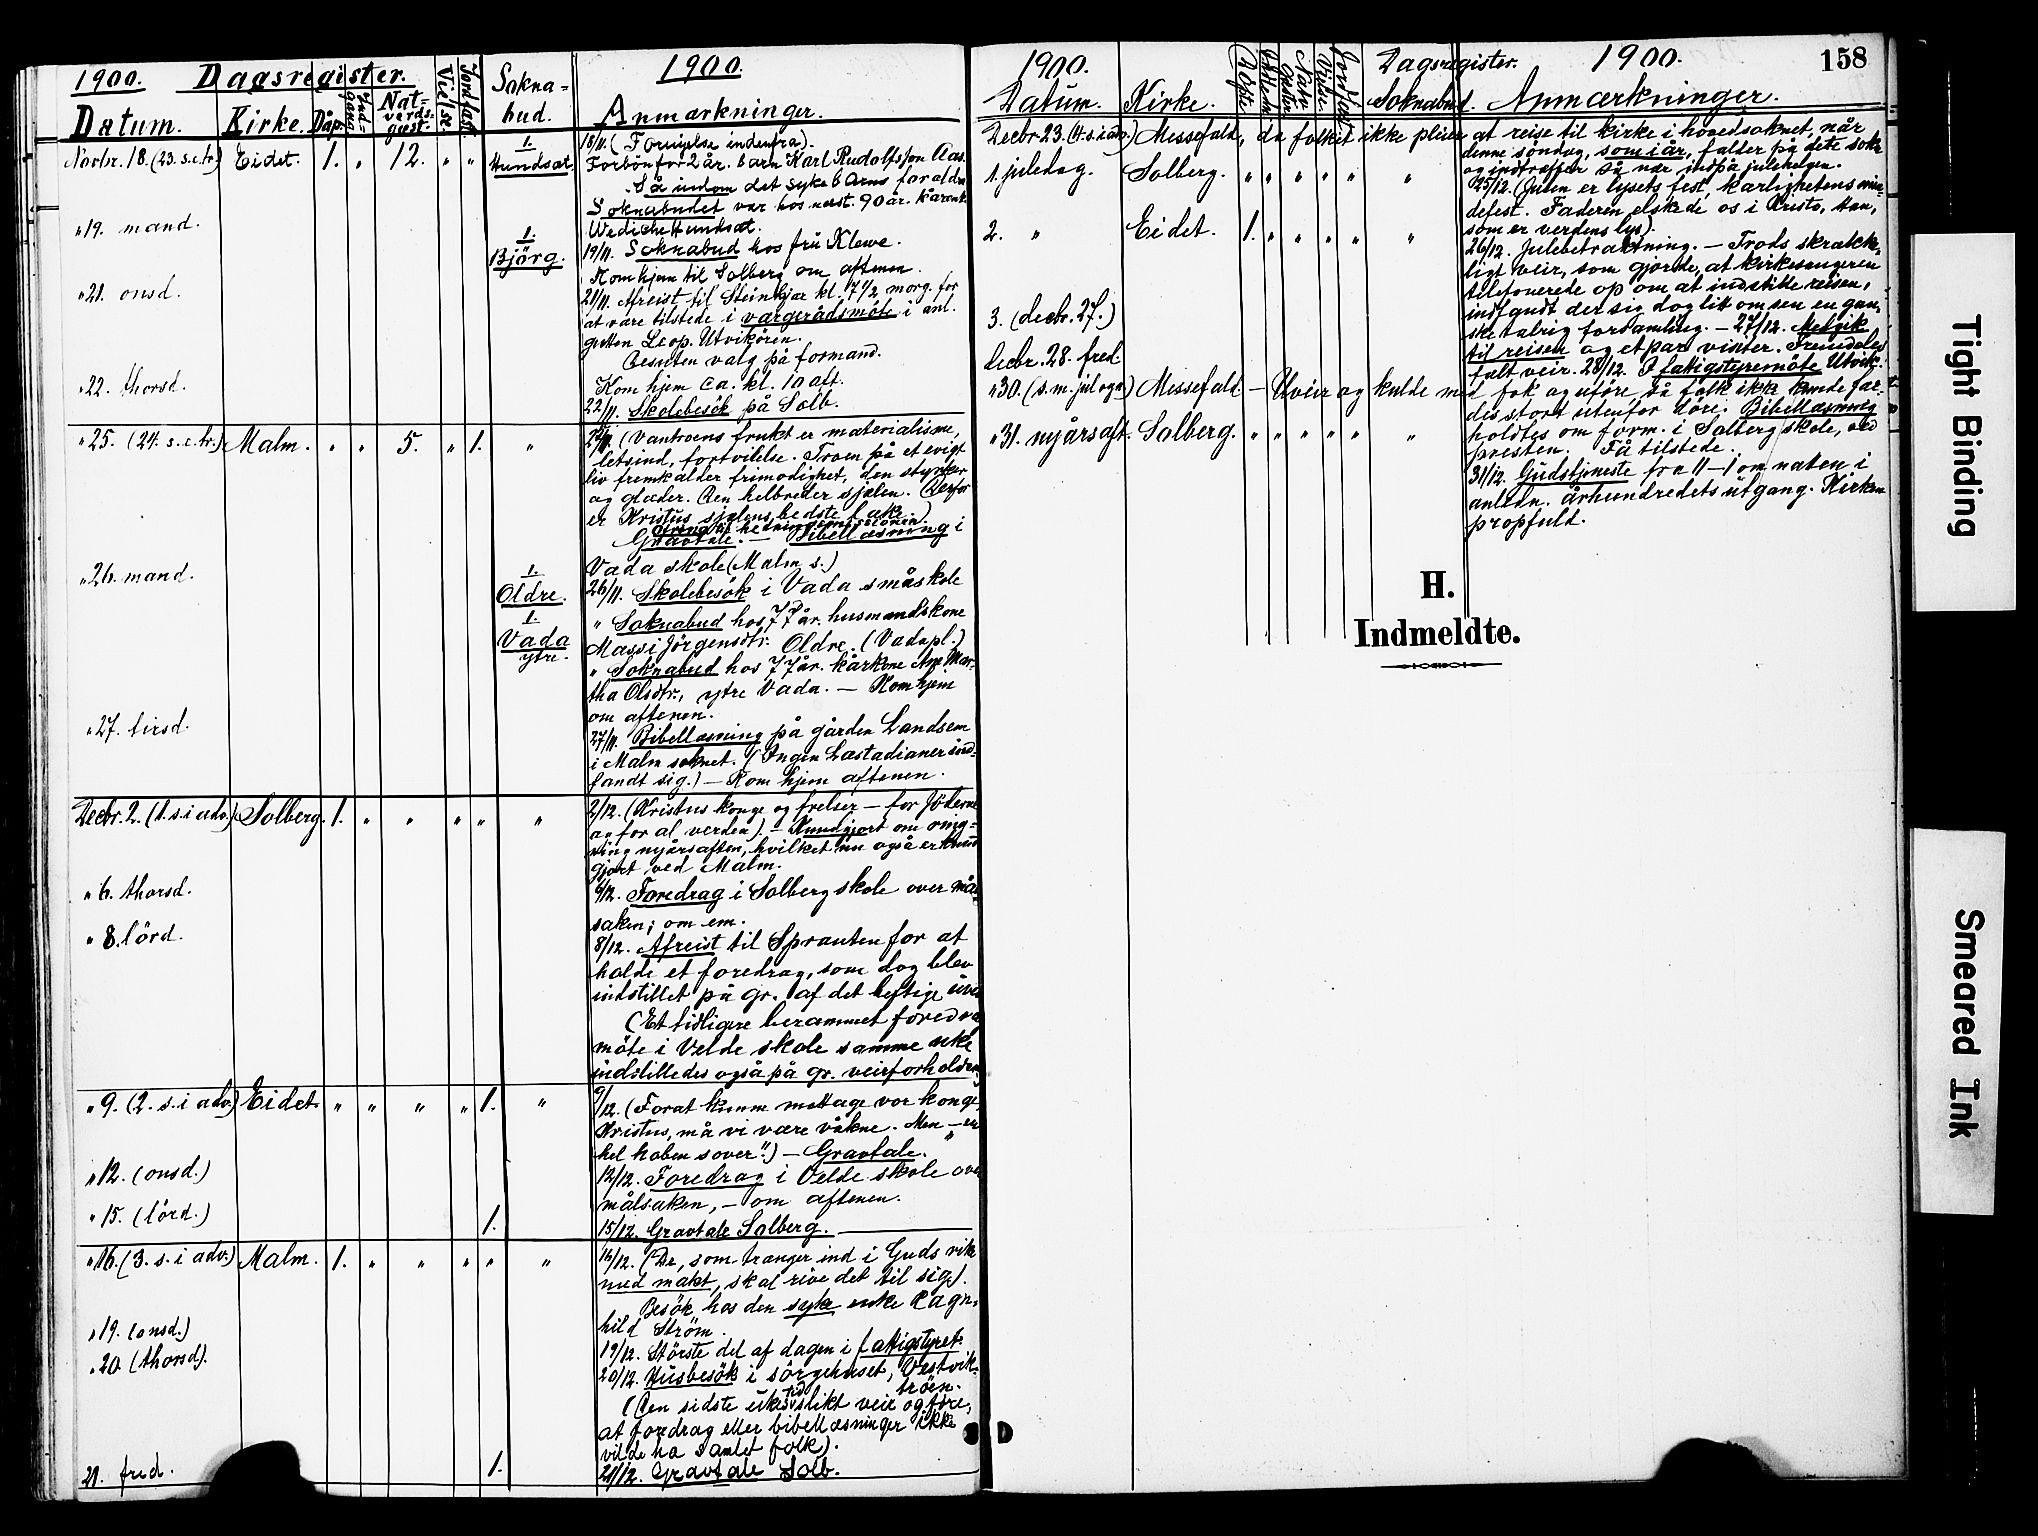 SAT, Ministerialprotokoller, klokkerbøker og fødselsregistre - Nord-Trøndelag, 741/L0396: Ministerialbok nr. 741A10, 1889-1901, s. 158